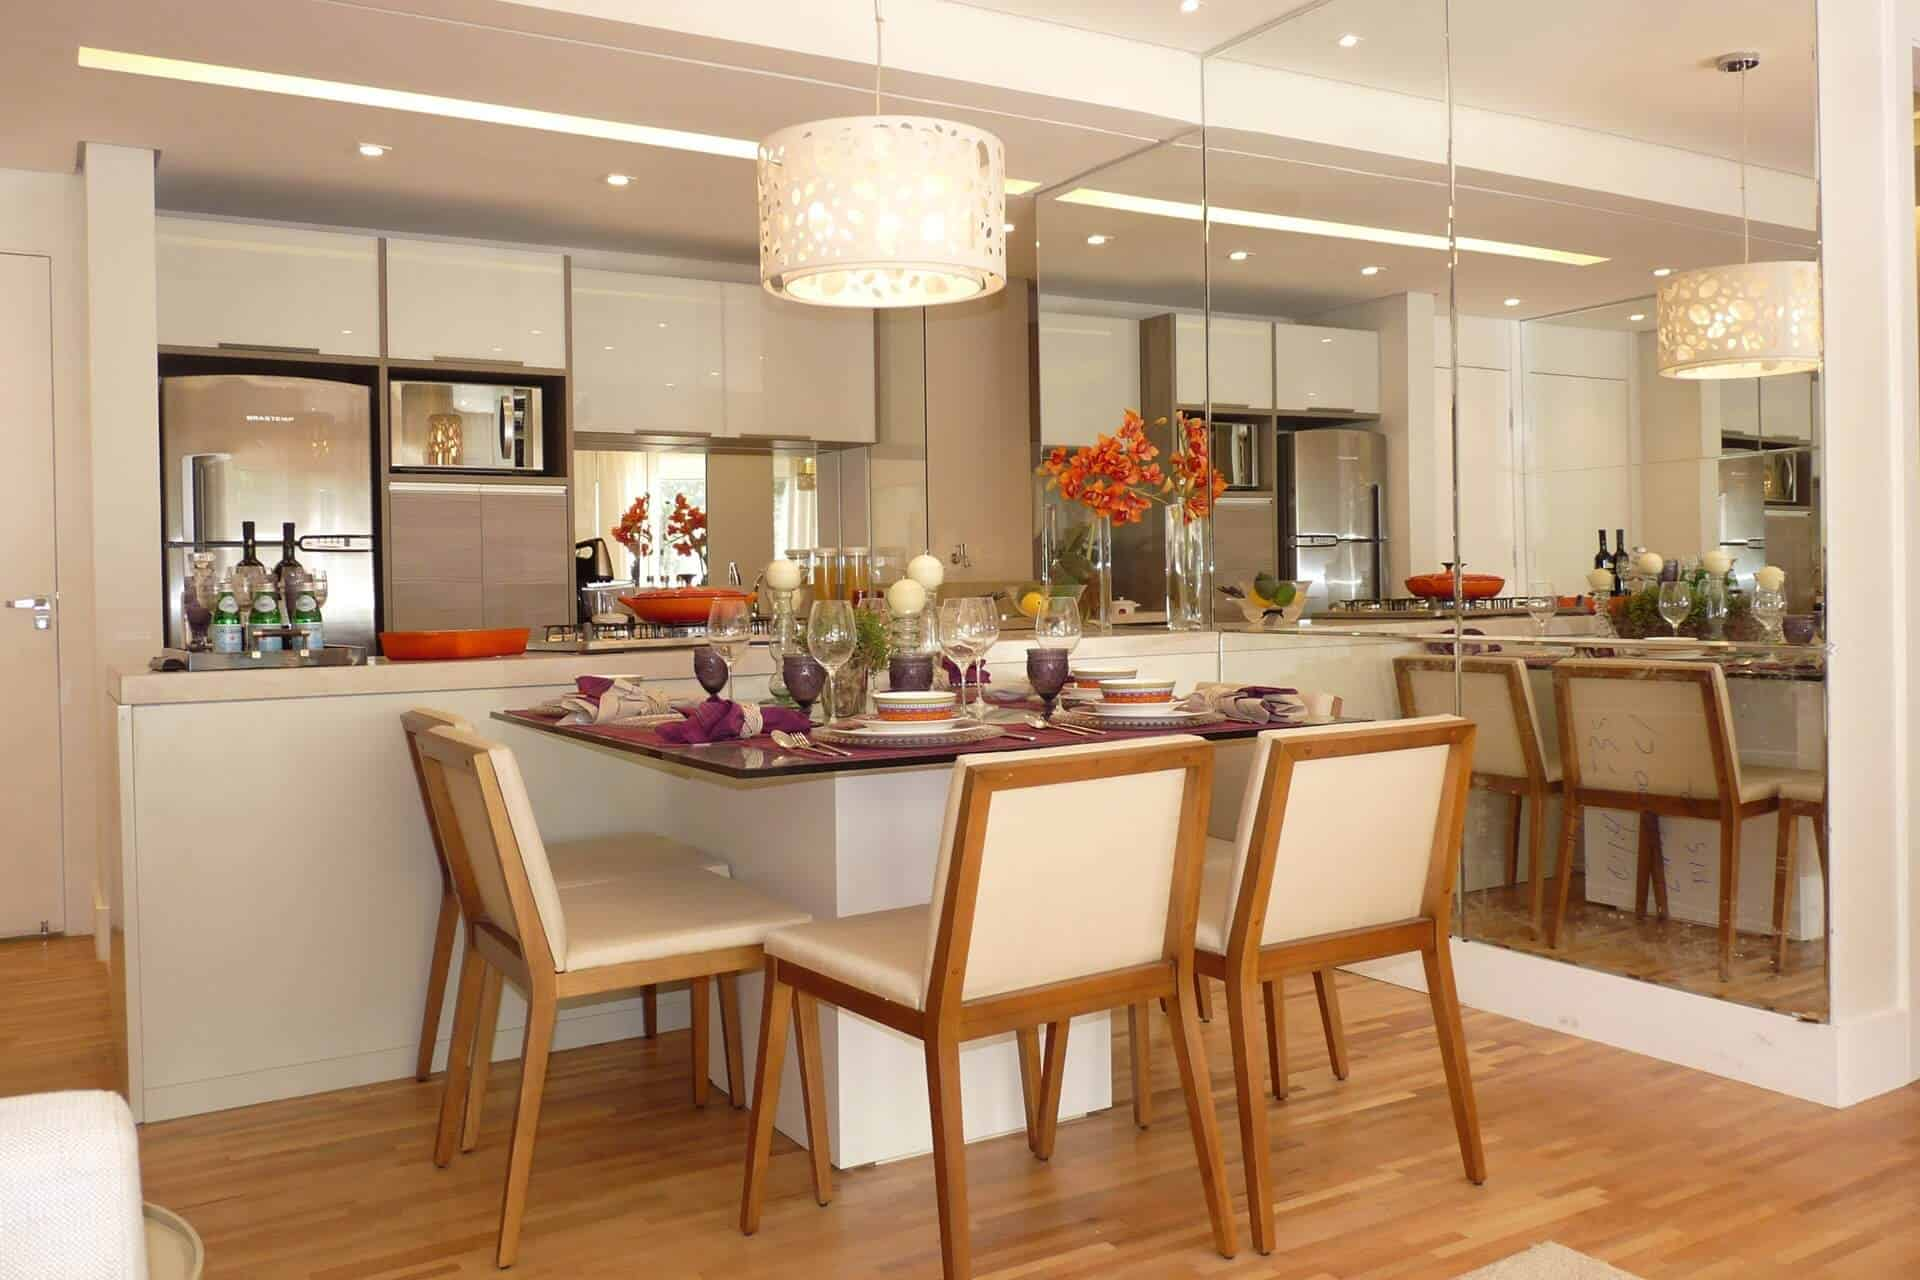 moveis-sob-medida_cozinhas-planejadas-galeria-119